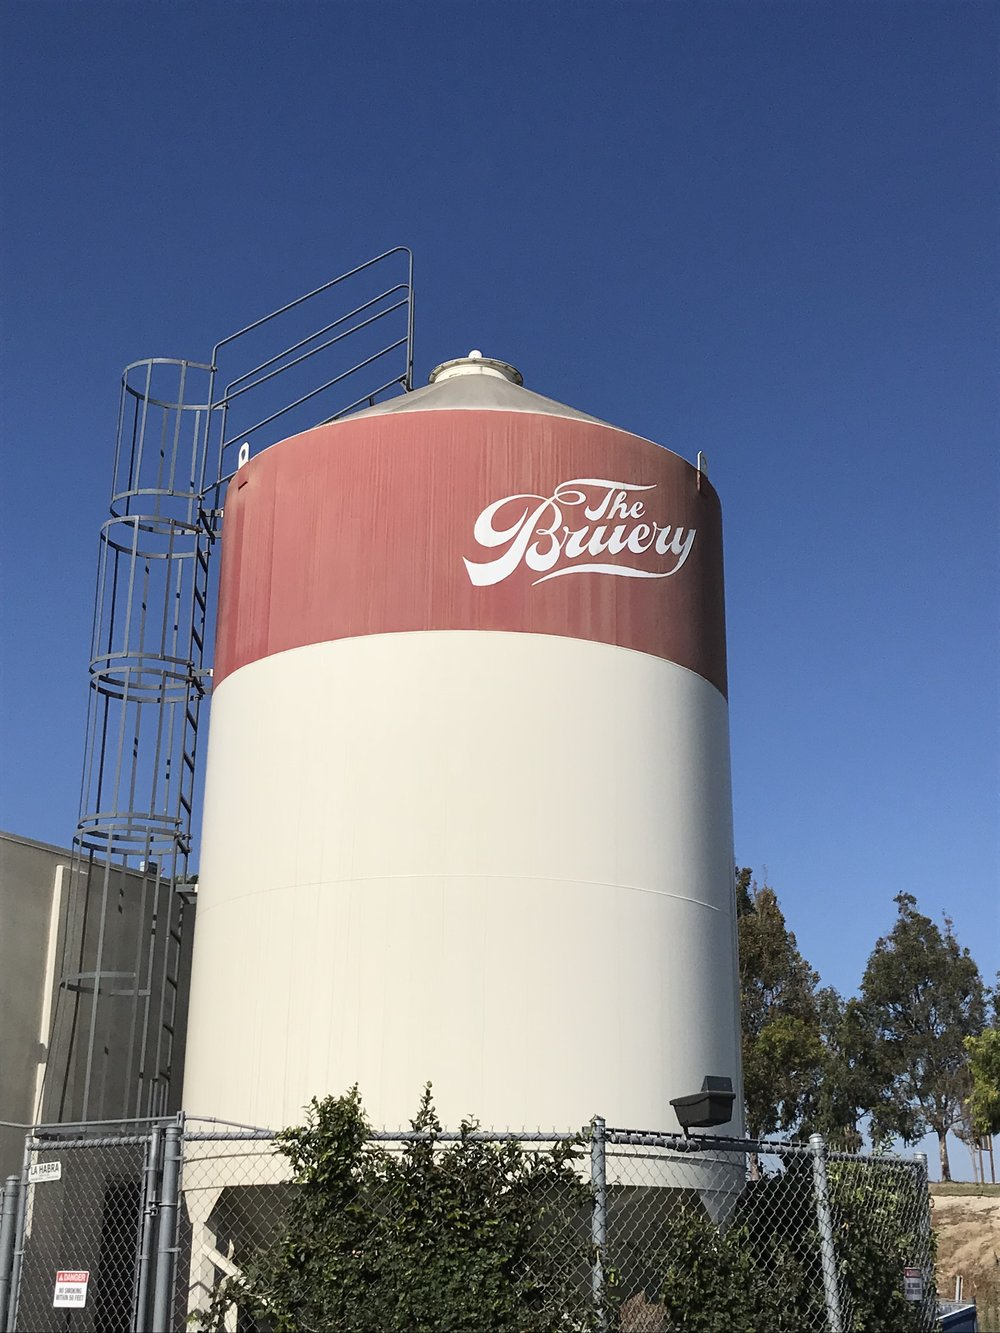 The bruery-silo